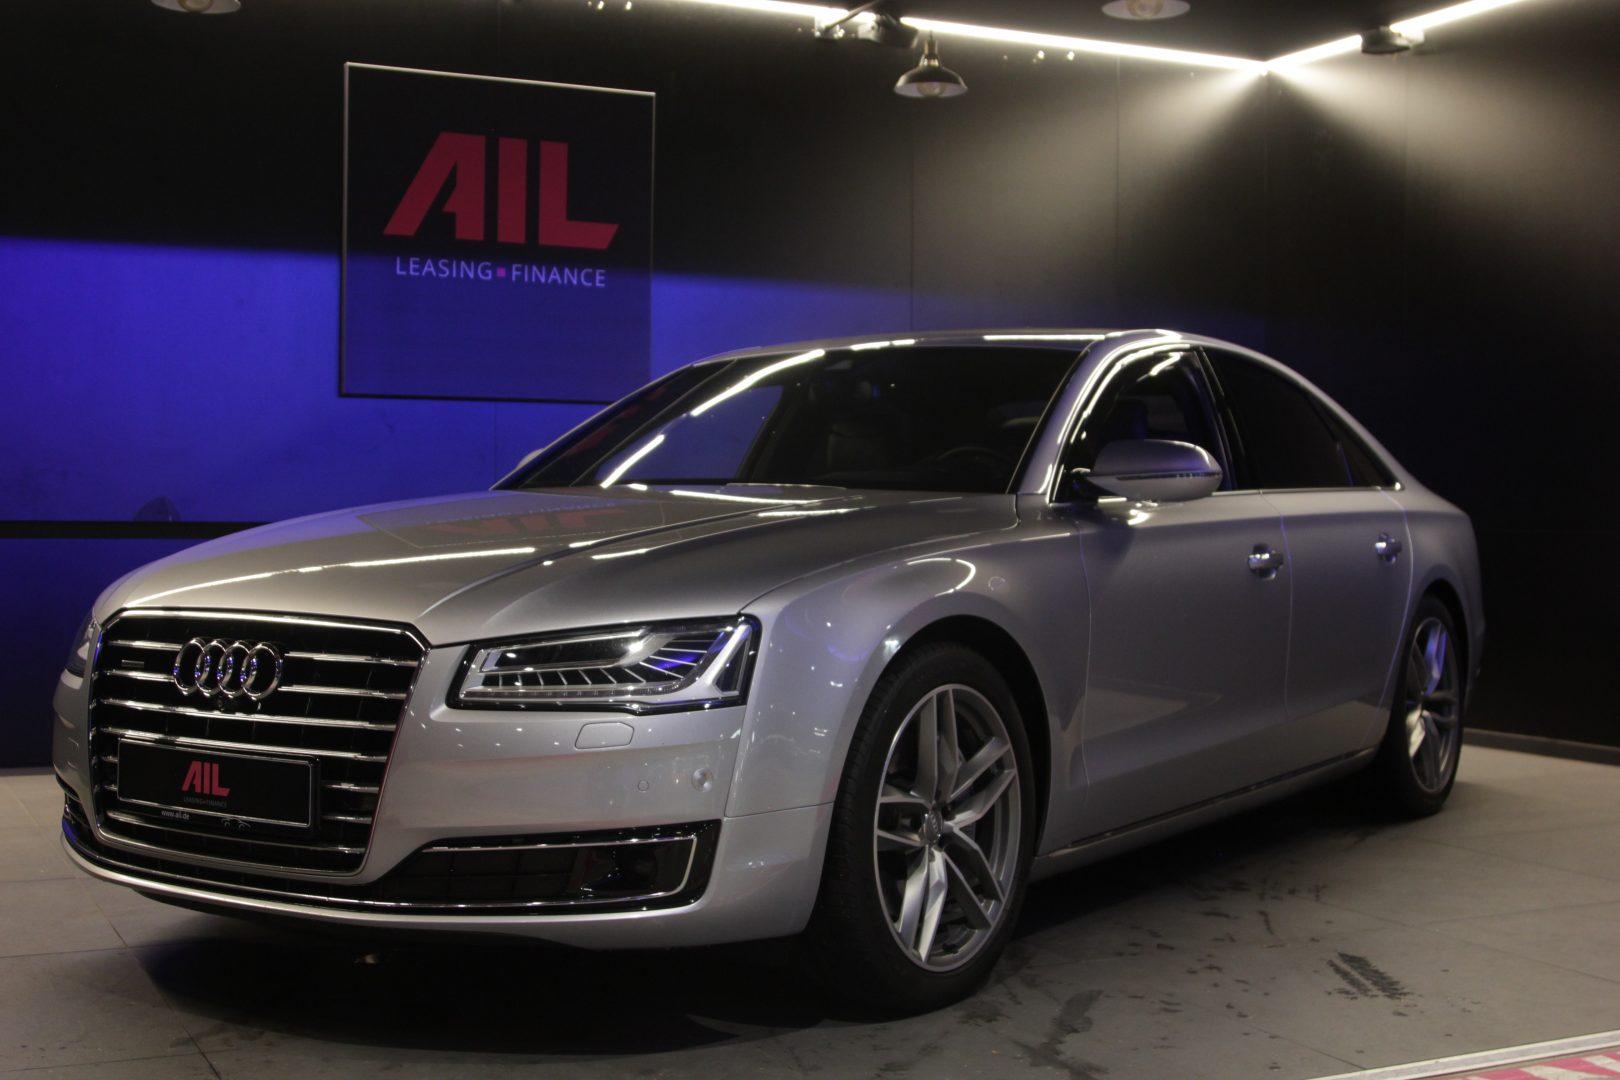 AIL Audi A8 3.0 TDI  quattro 2